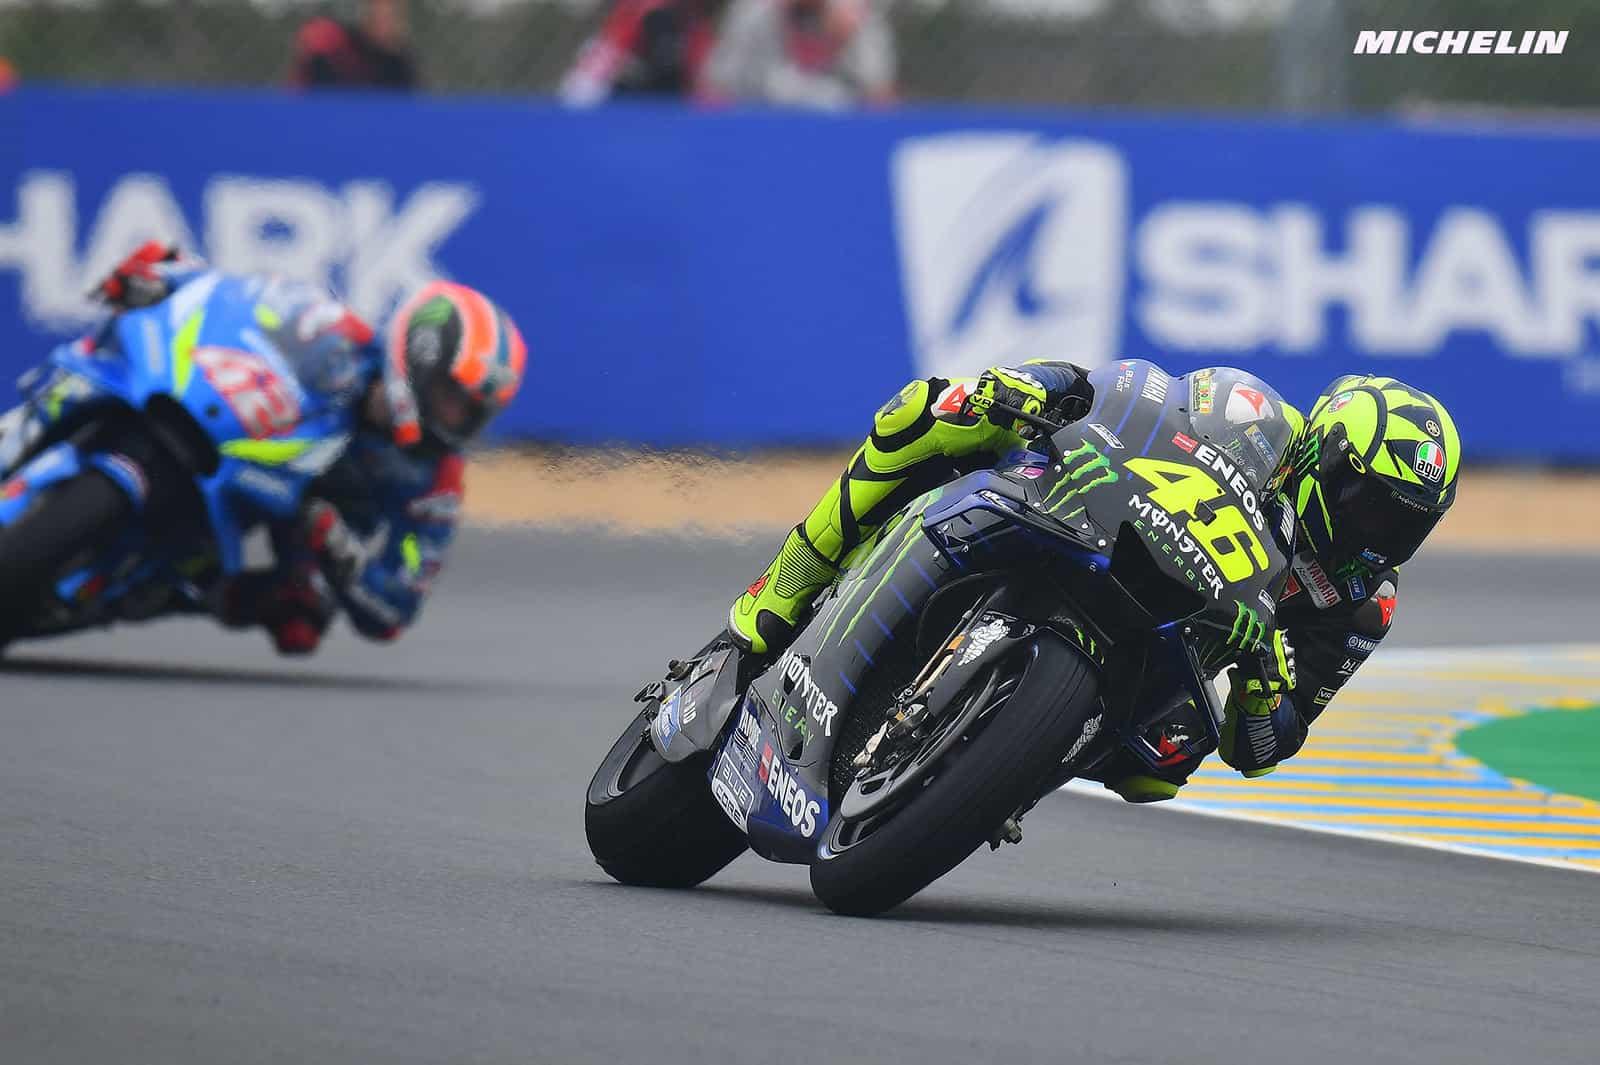 MotoGP2019フランスGP 5位ロッシ「コーナー立ち上がりで離されてしまう」